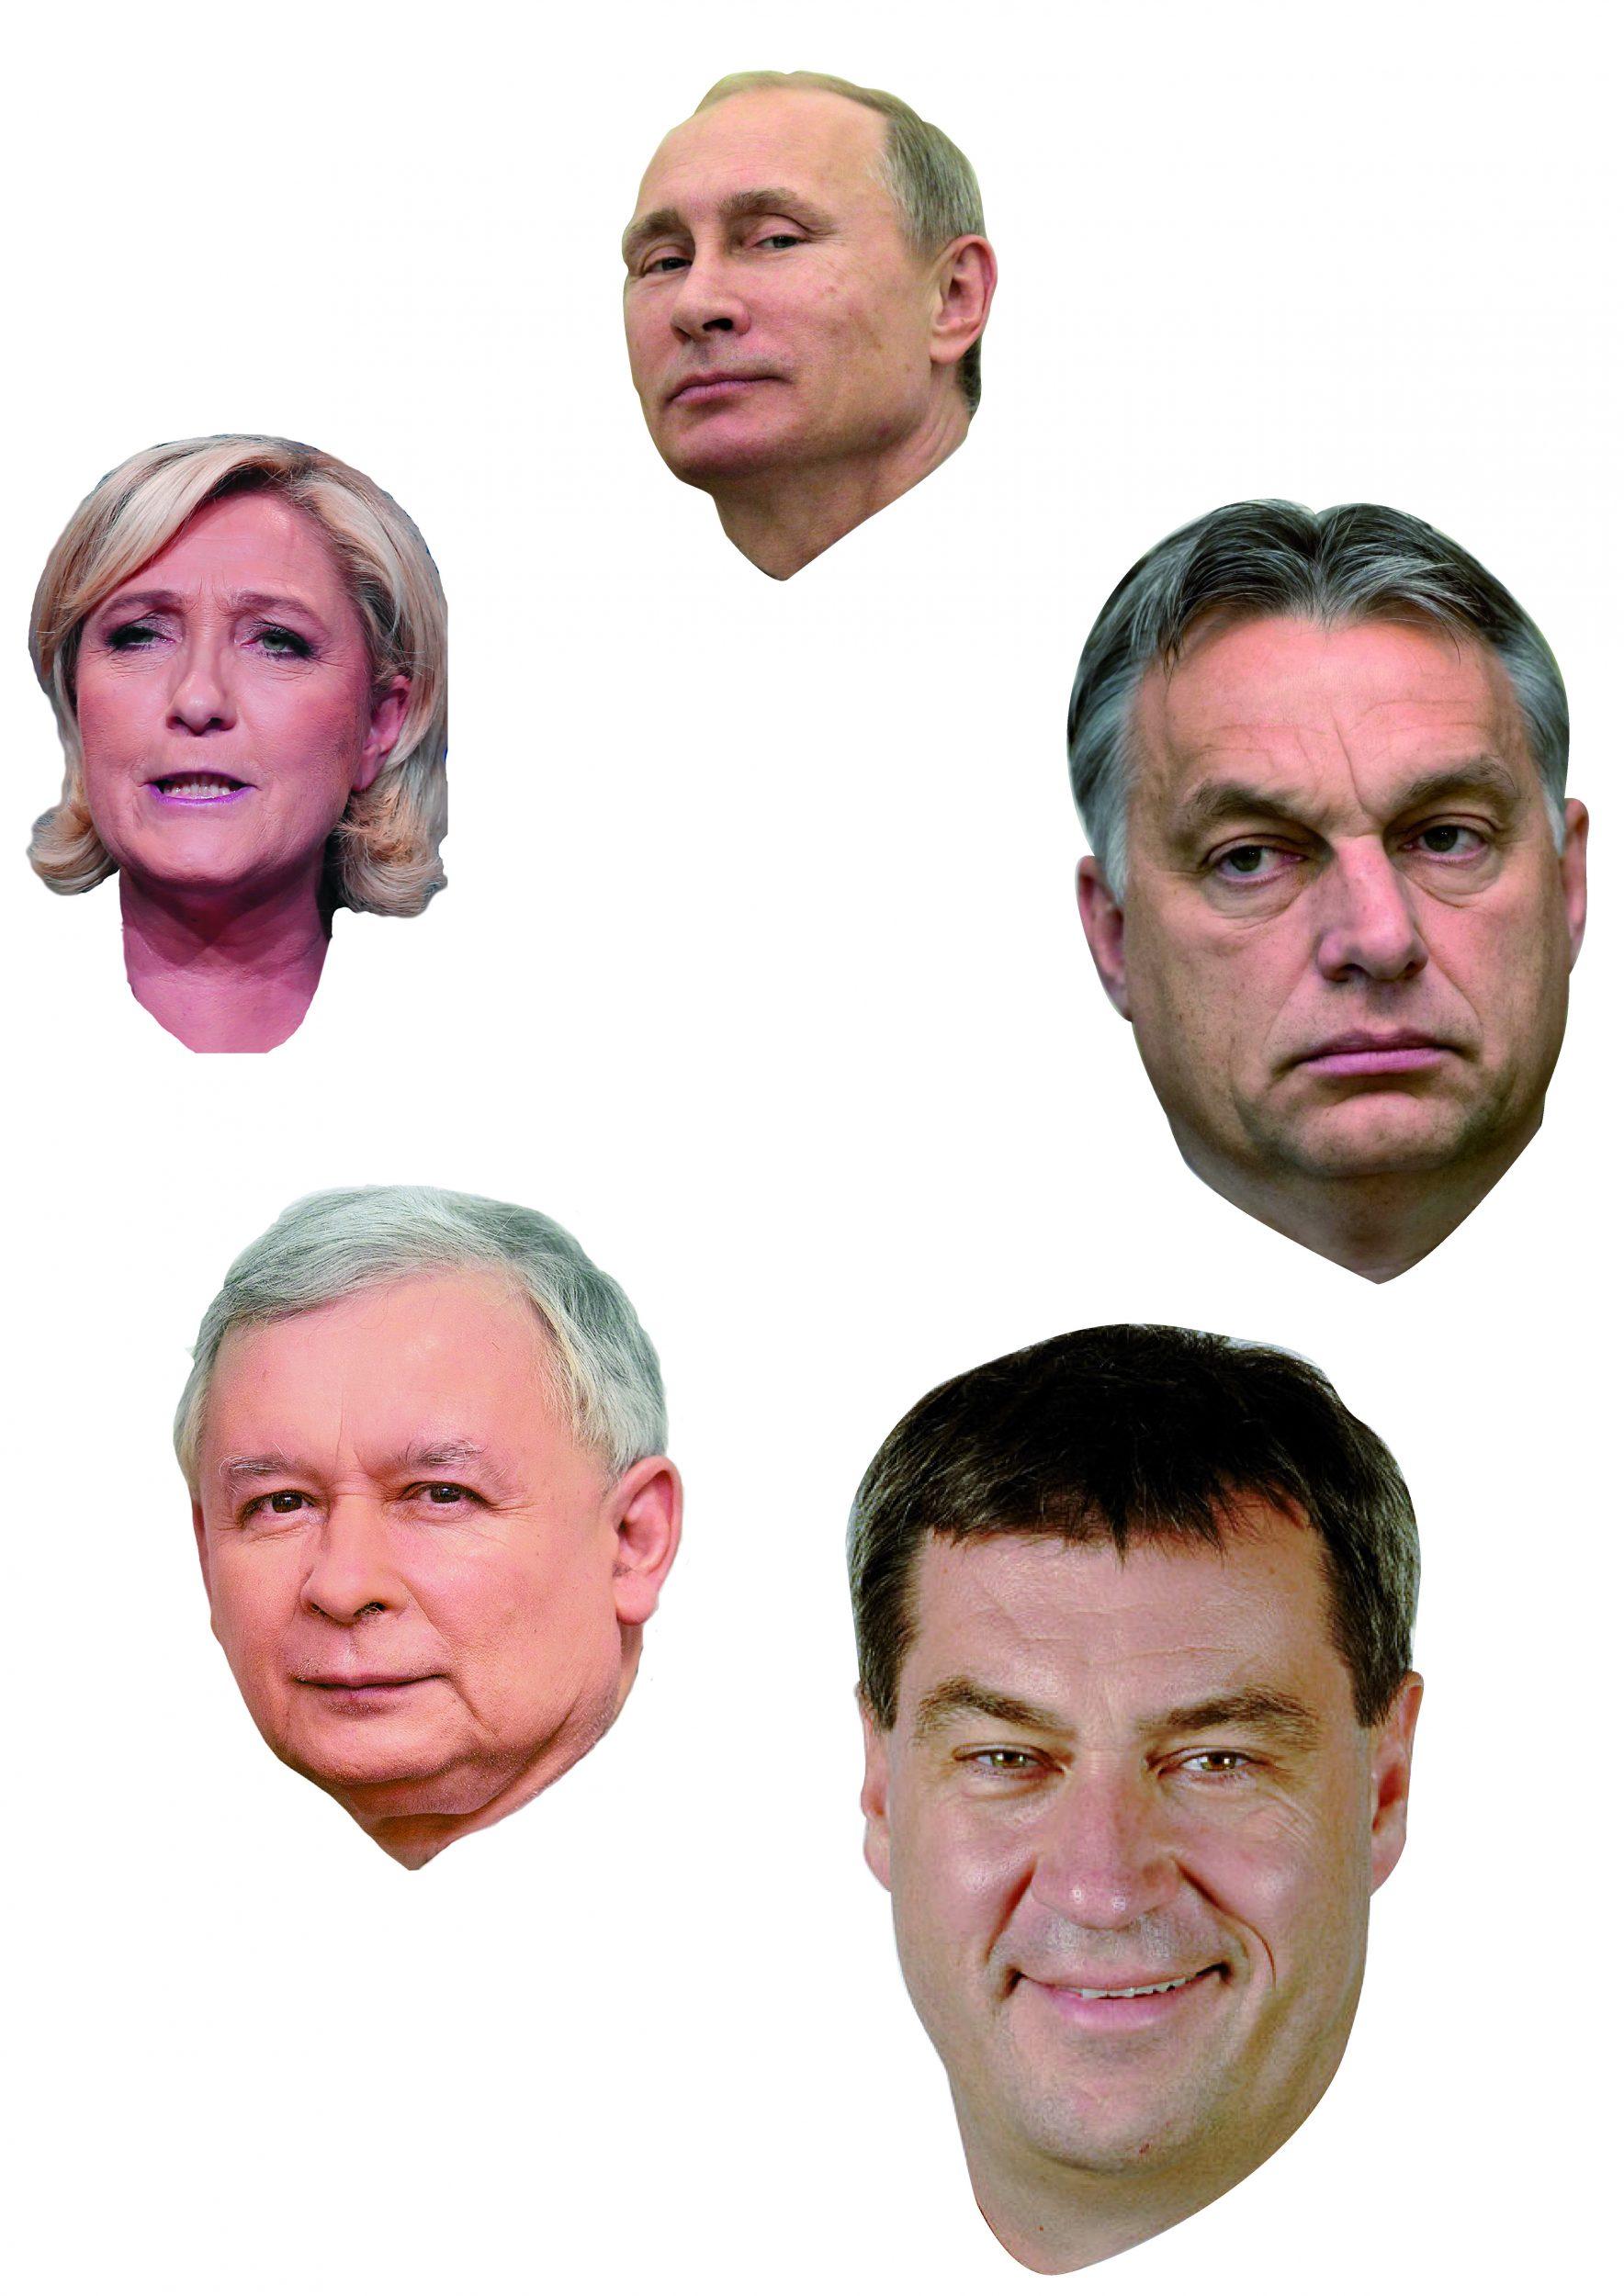 Porträts des Grauens